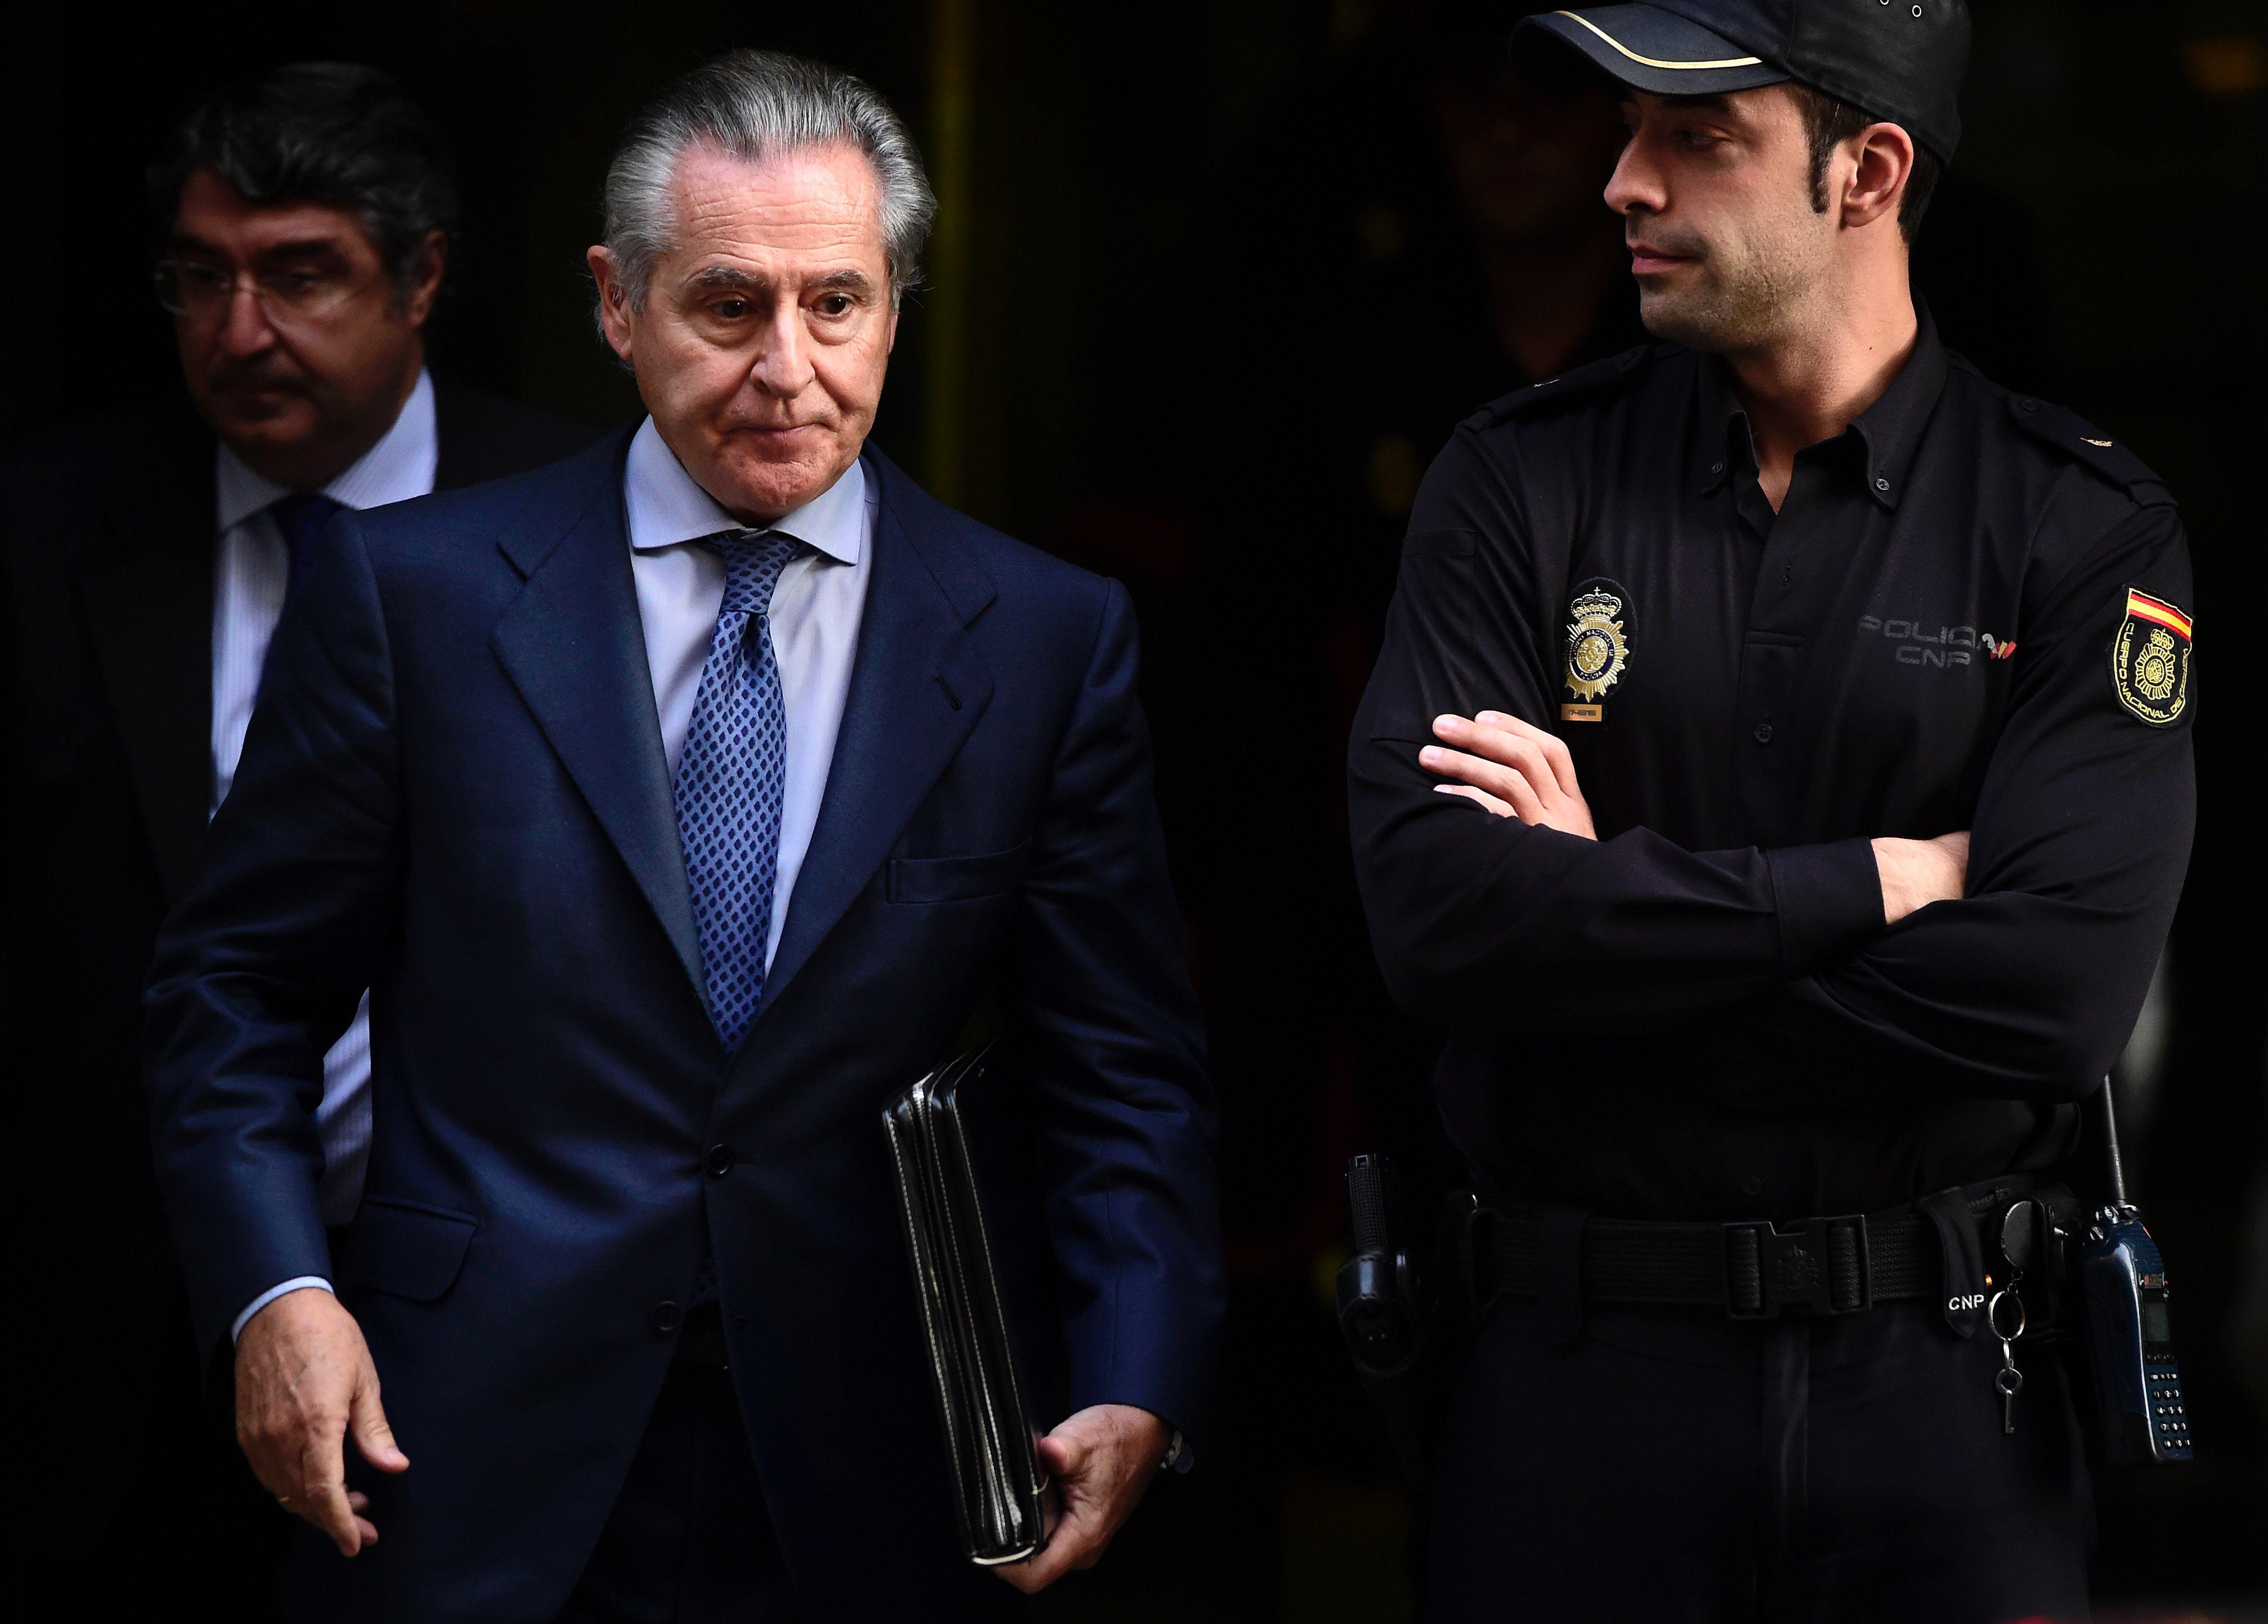 Morreu o antigo presidente da Caja Madrid